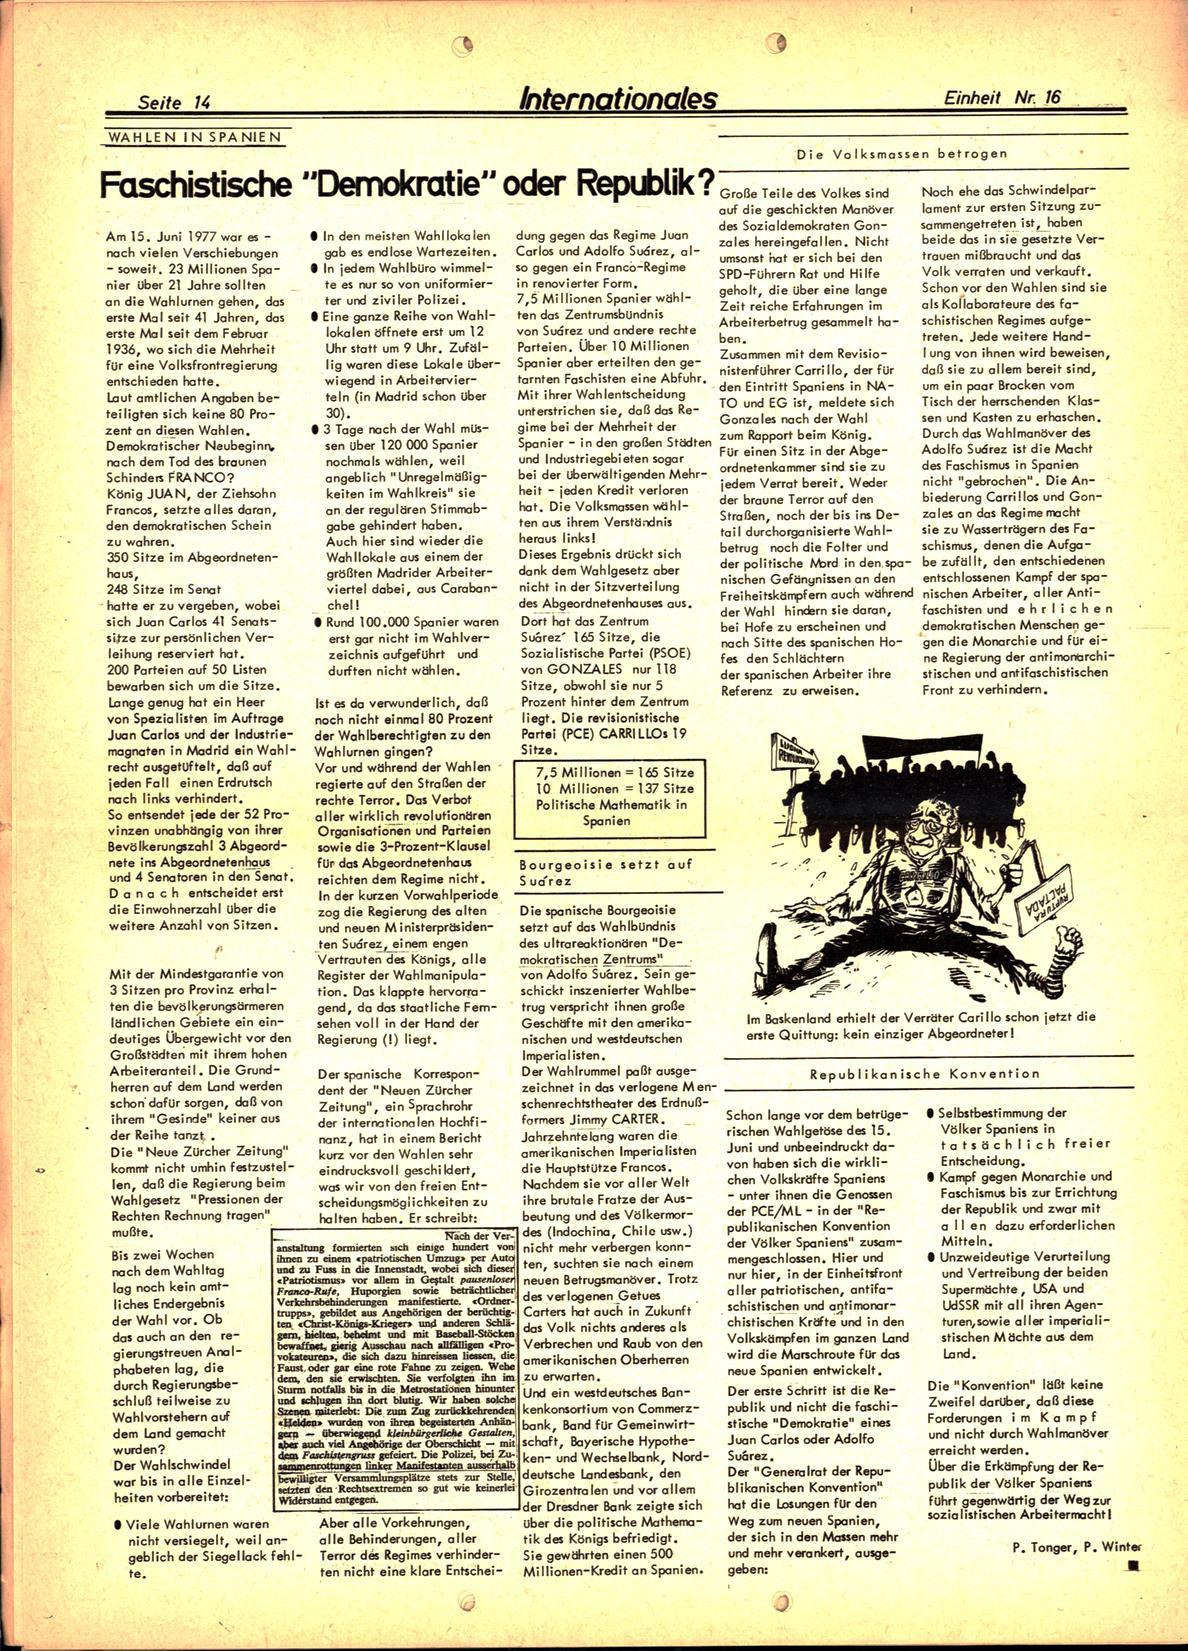 Koeln_IPdA_Einheit_1977_016_014